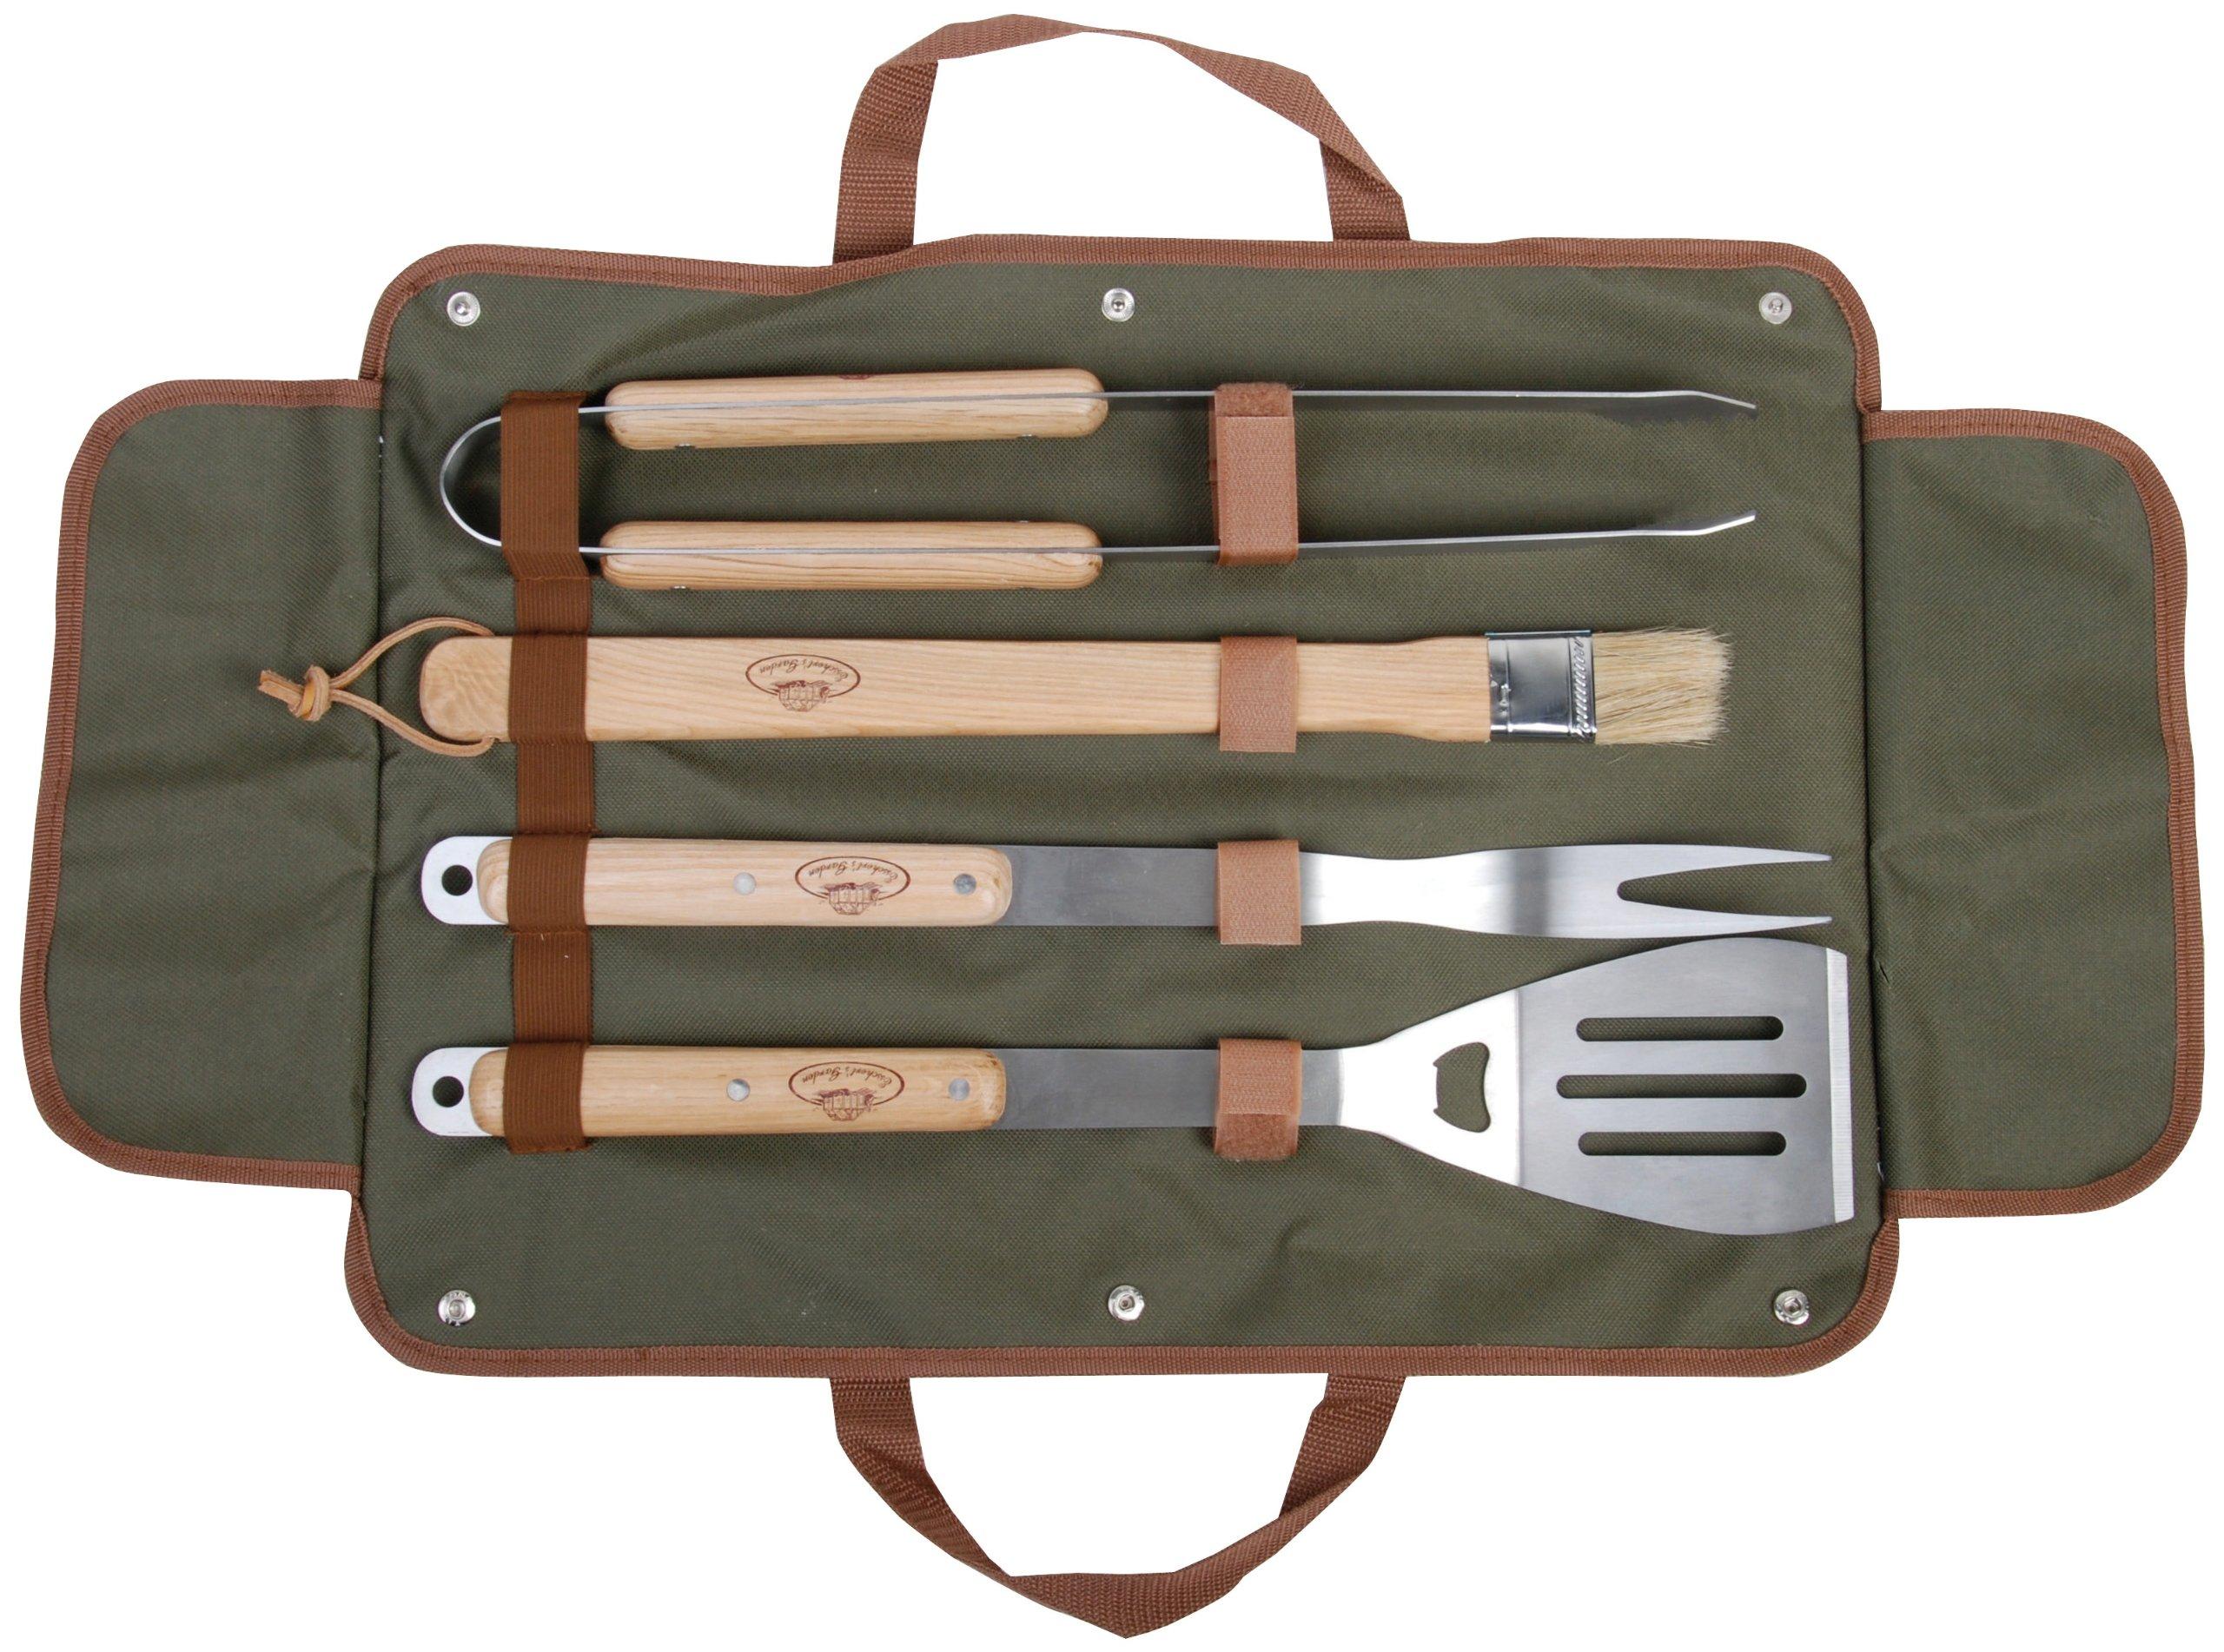 Esschert Design USA GT37 BBQ Tool Set with Canvas Bag by Esschert Design USA